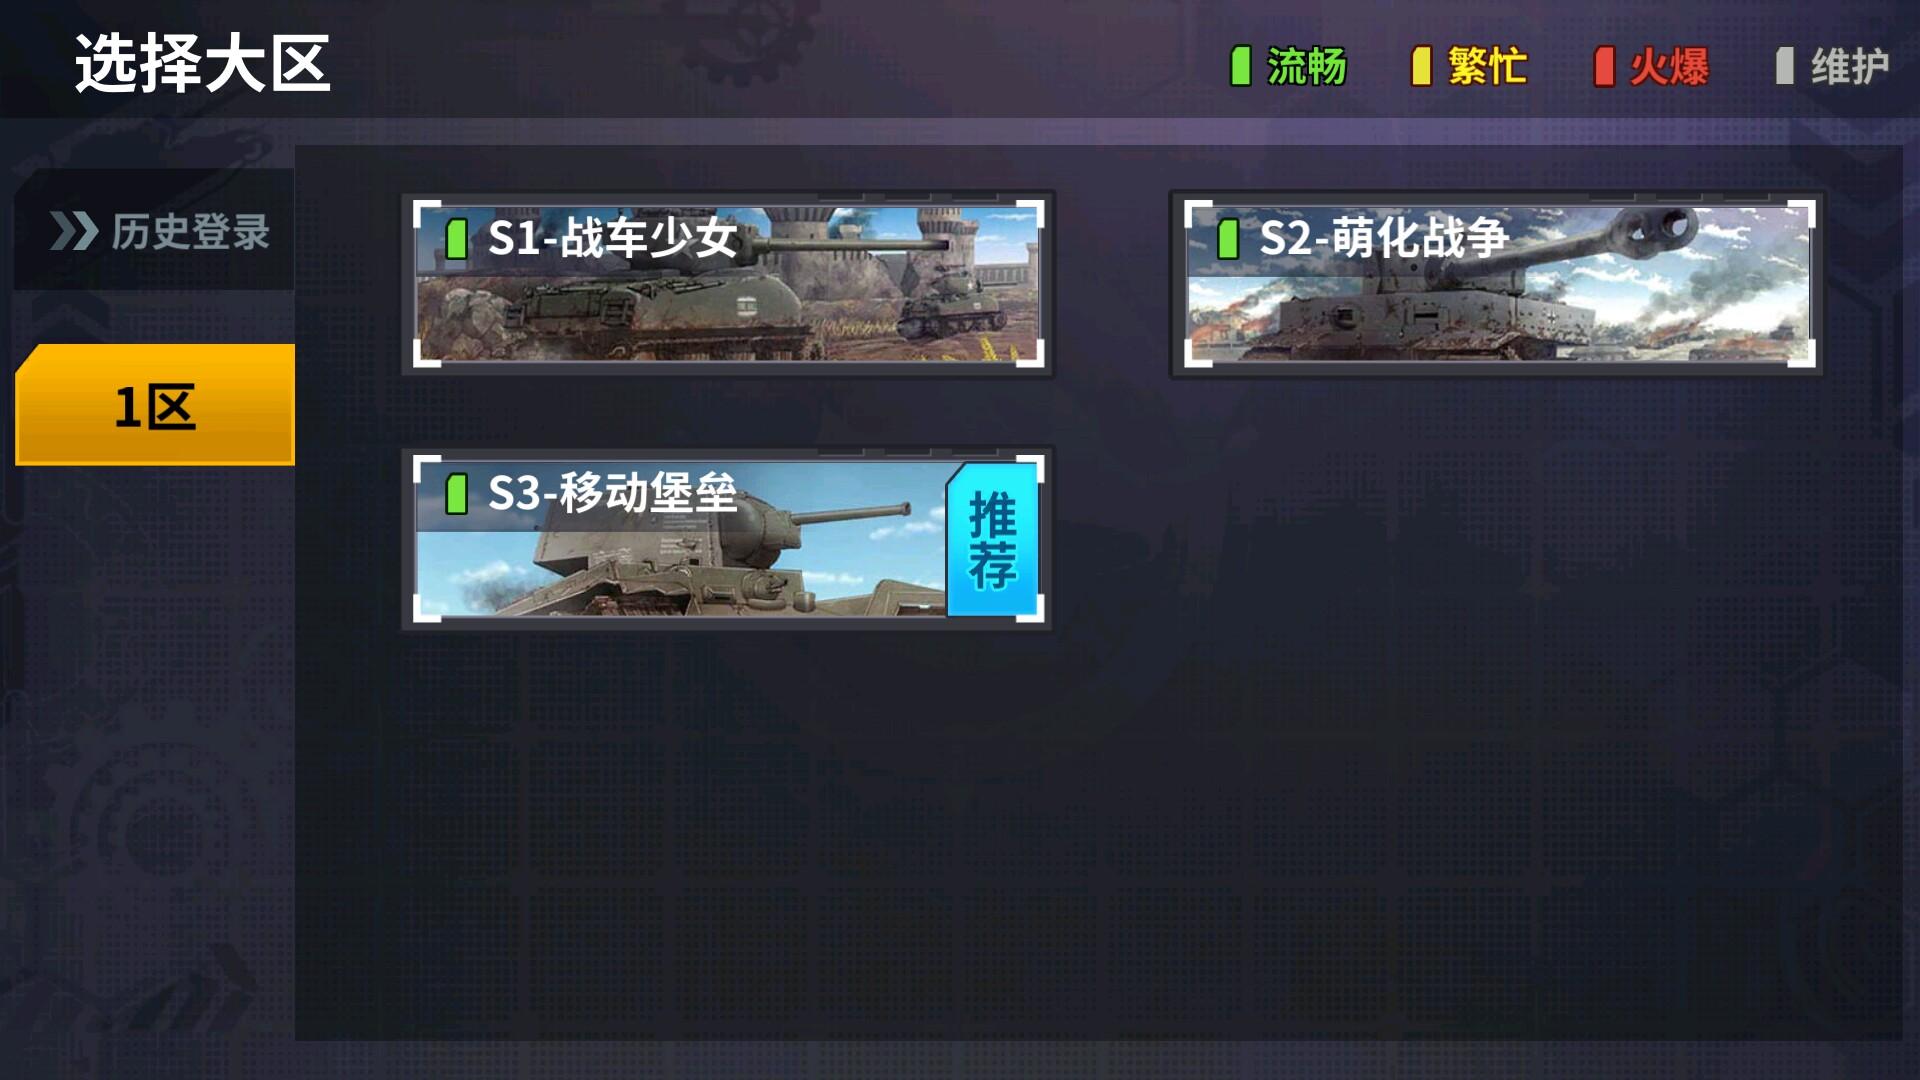 《装甲联盟》游戏截图UI欣赏23